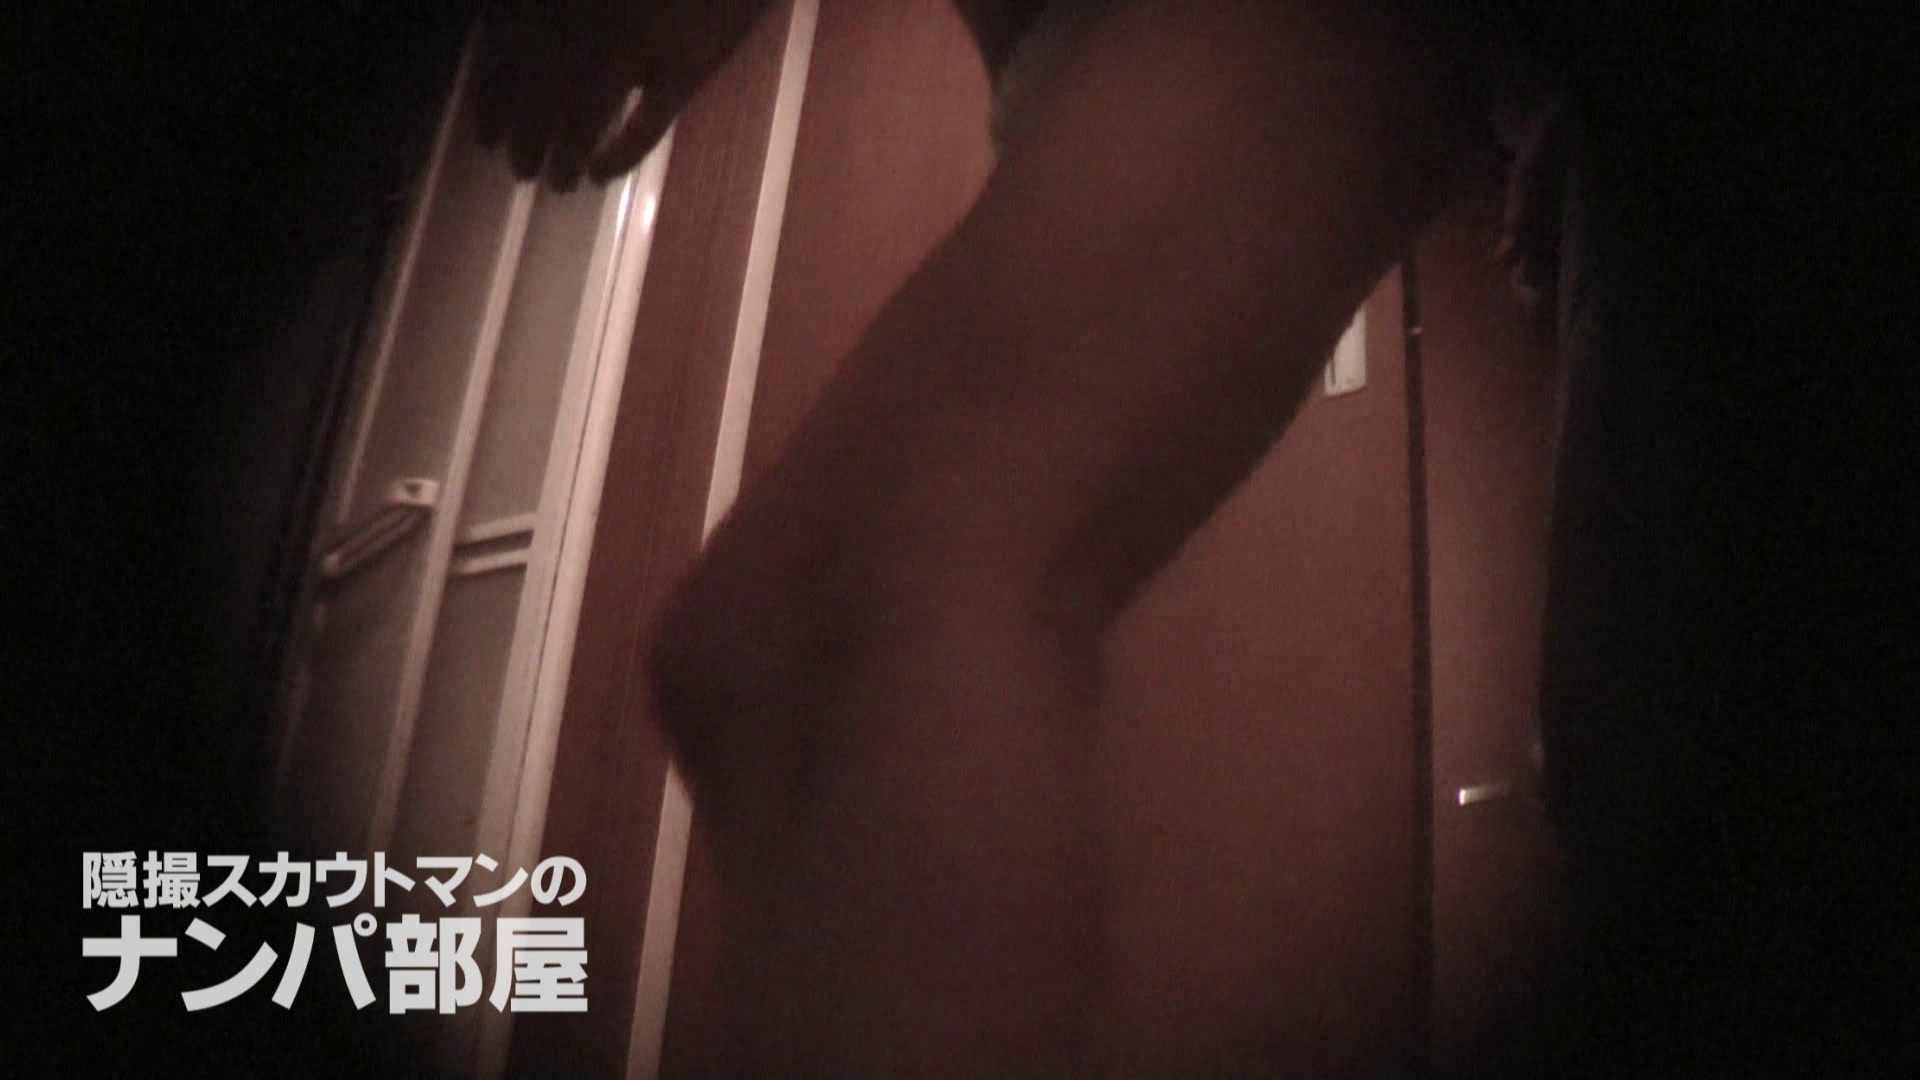 隠撮スカウトマンのナンパ部屋~風俗デビュー前のつまみ食い~ sii 隠撮  84連発 33